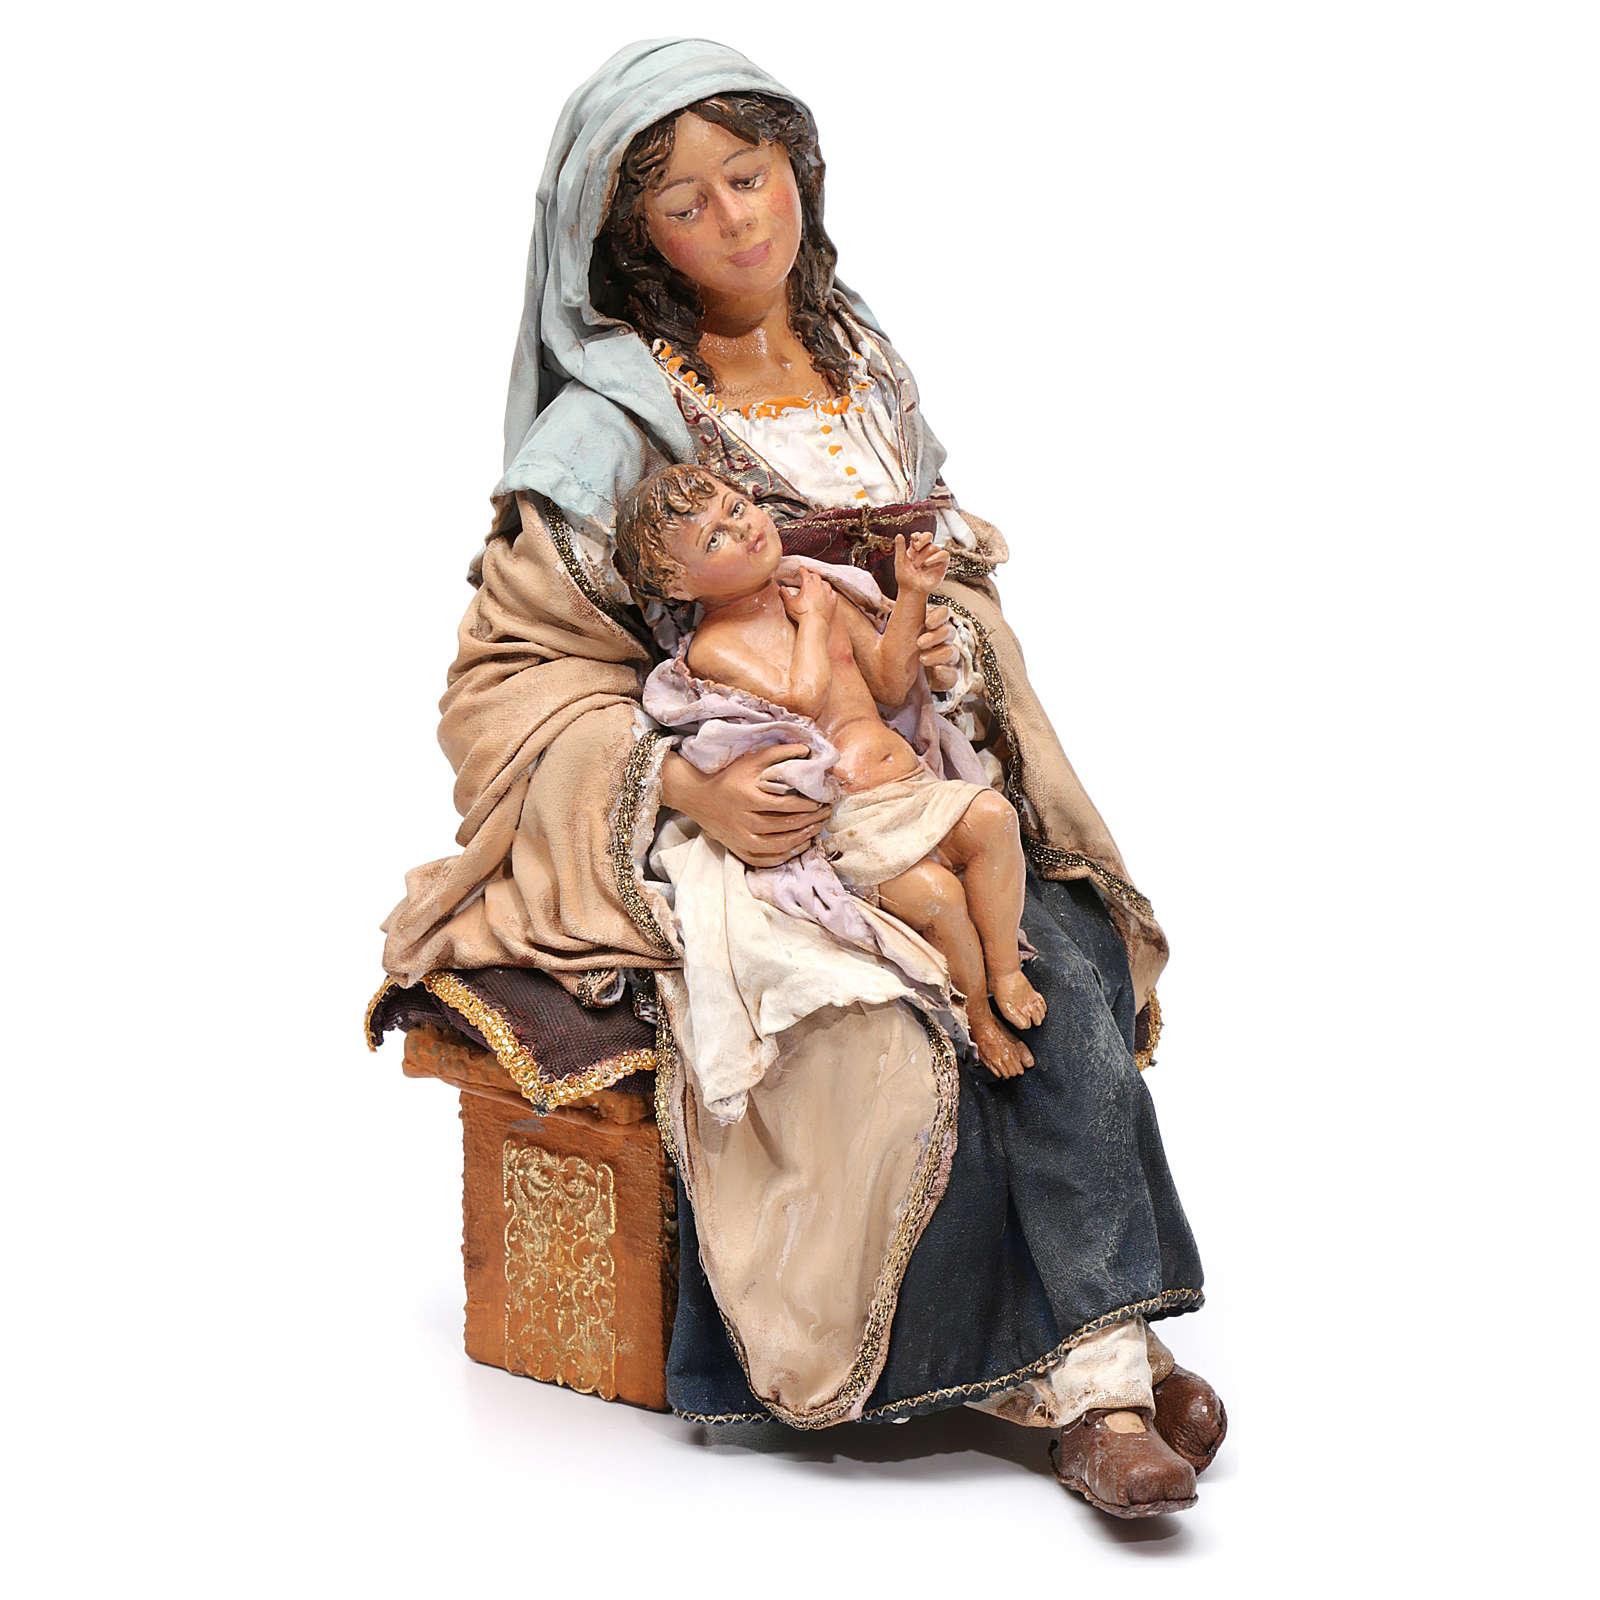 Natività con Bambino in braccio Angela Tripi 30 cm 4